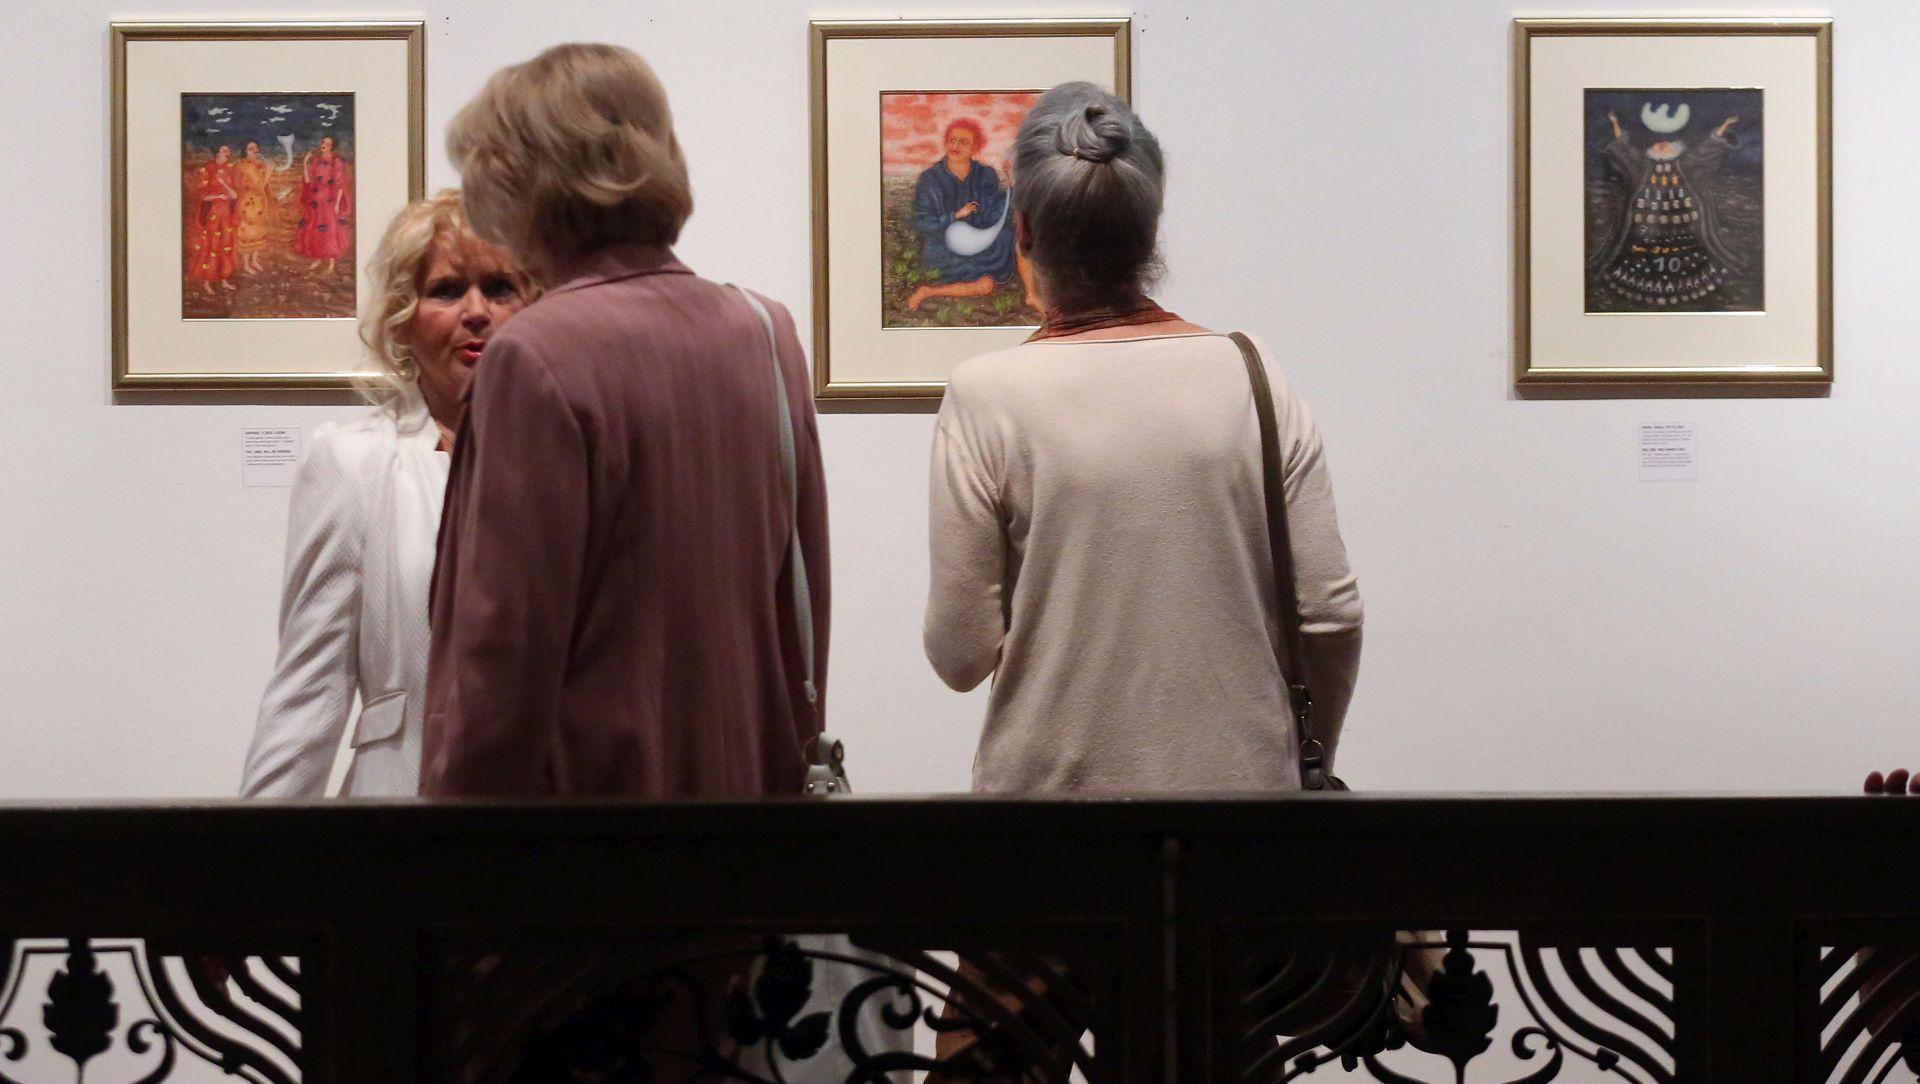 MUO Izložba austrijskog umjetnika Brauera 'Iz generacije u generaciju/Nova Hagada'